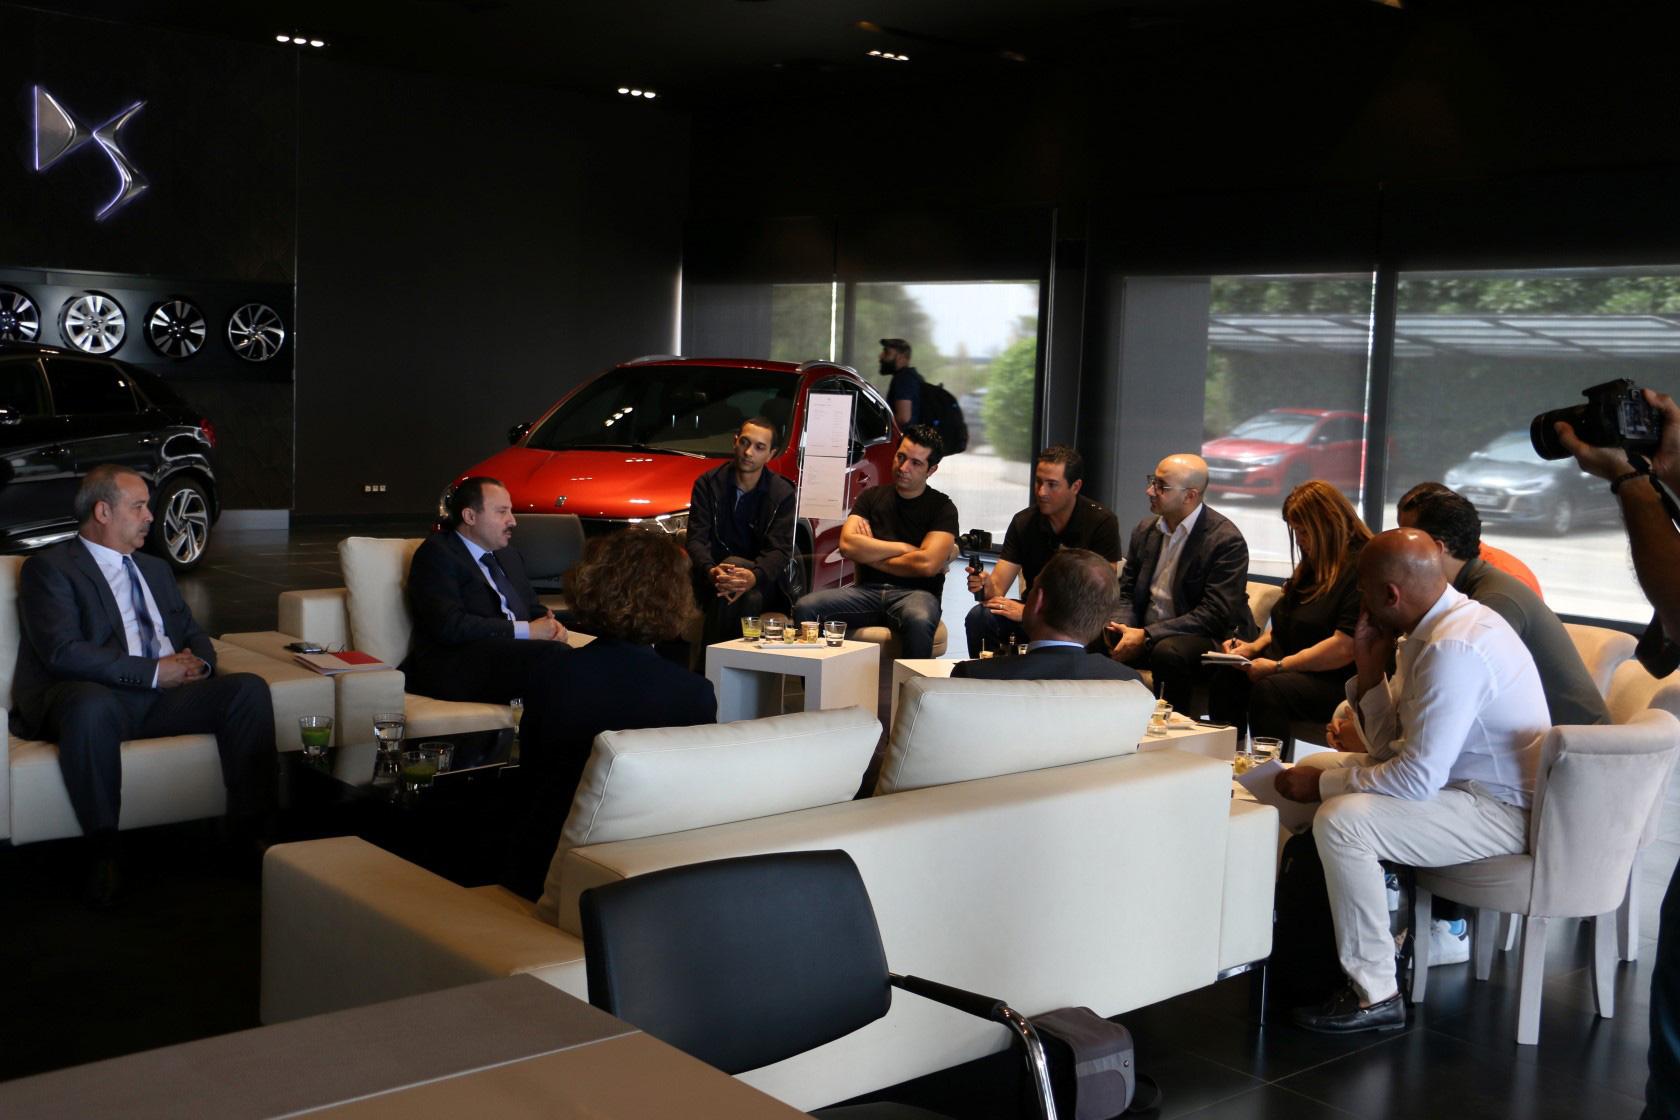 DS Automobiles Tunisie, de grandes ambitions pour l'avenir